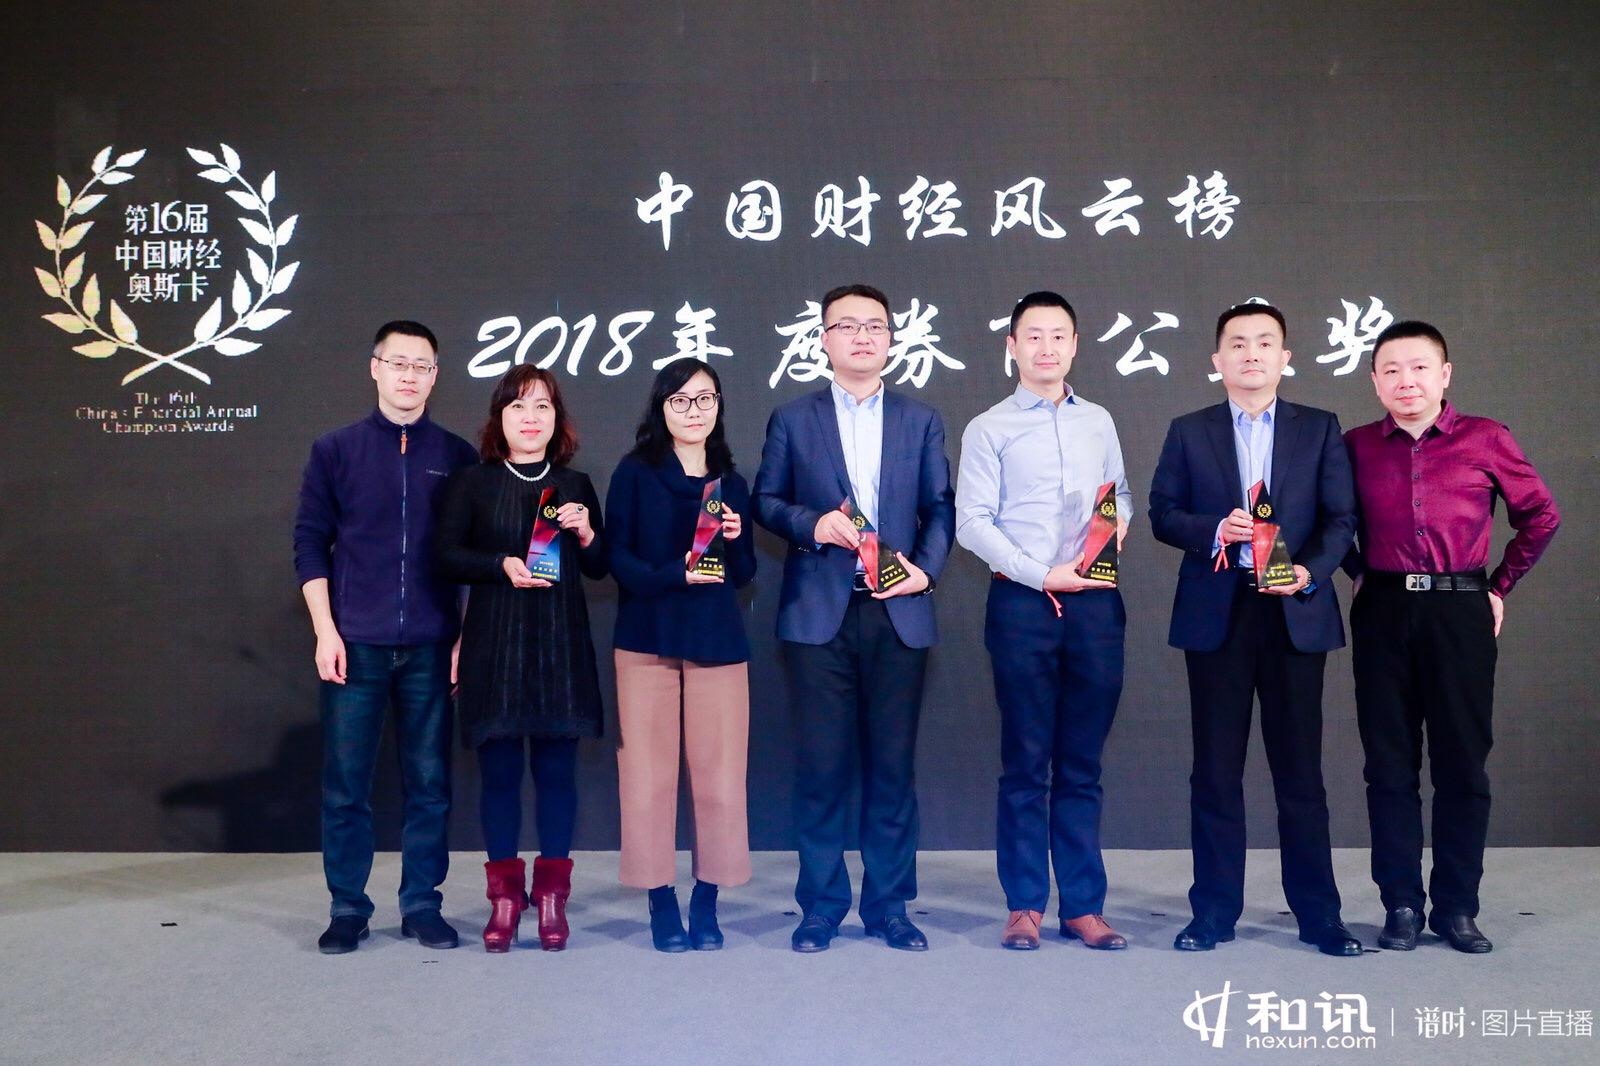 """山西证券荣获中国财经风云榜""""2018年度券商公益奖"""""""